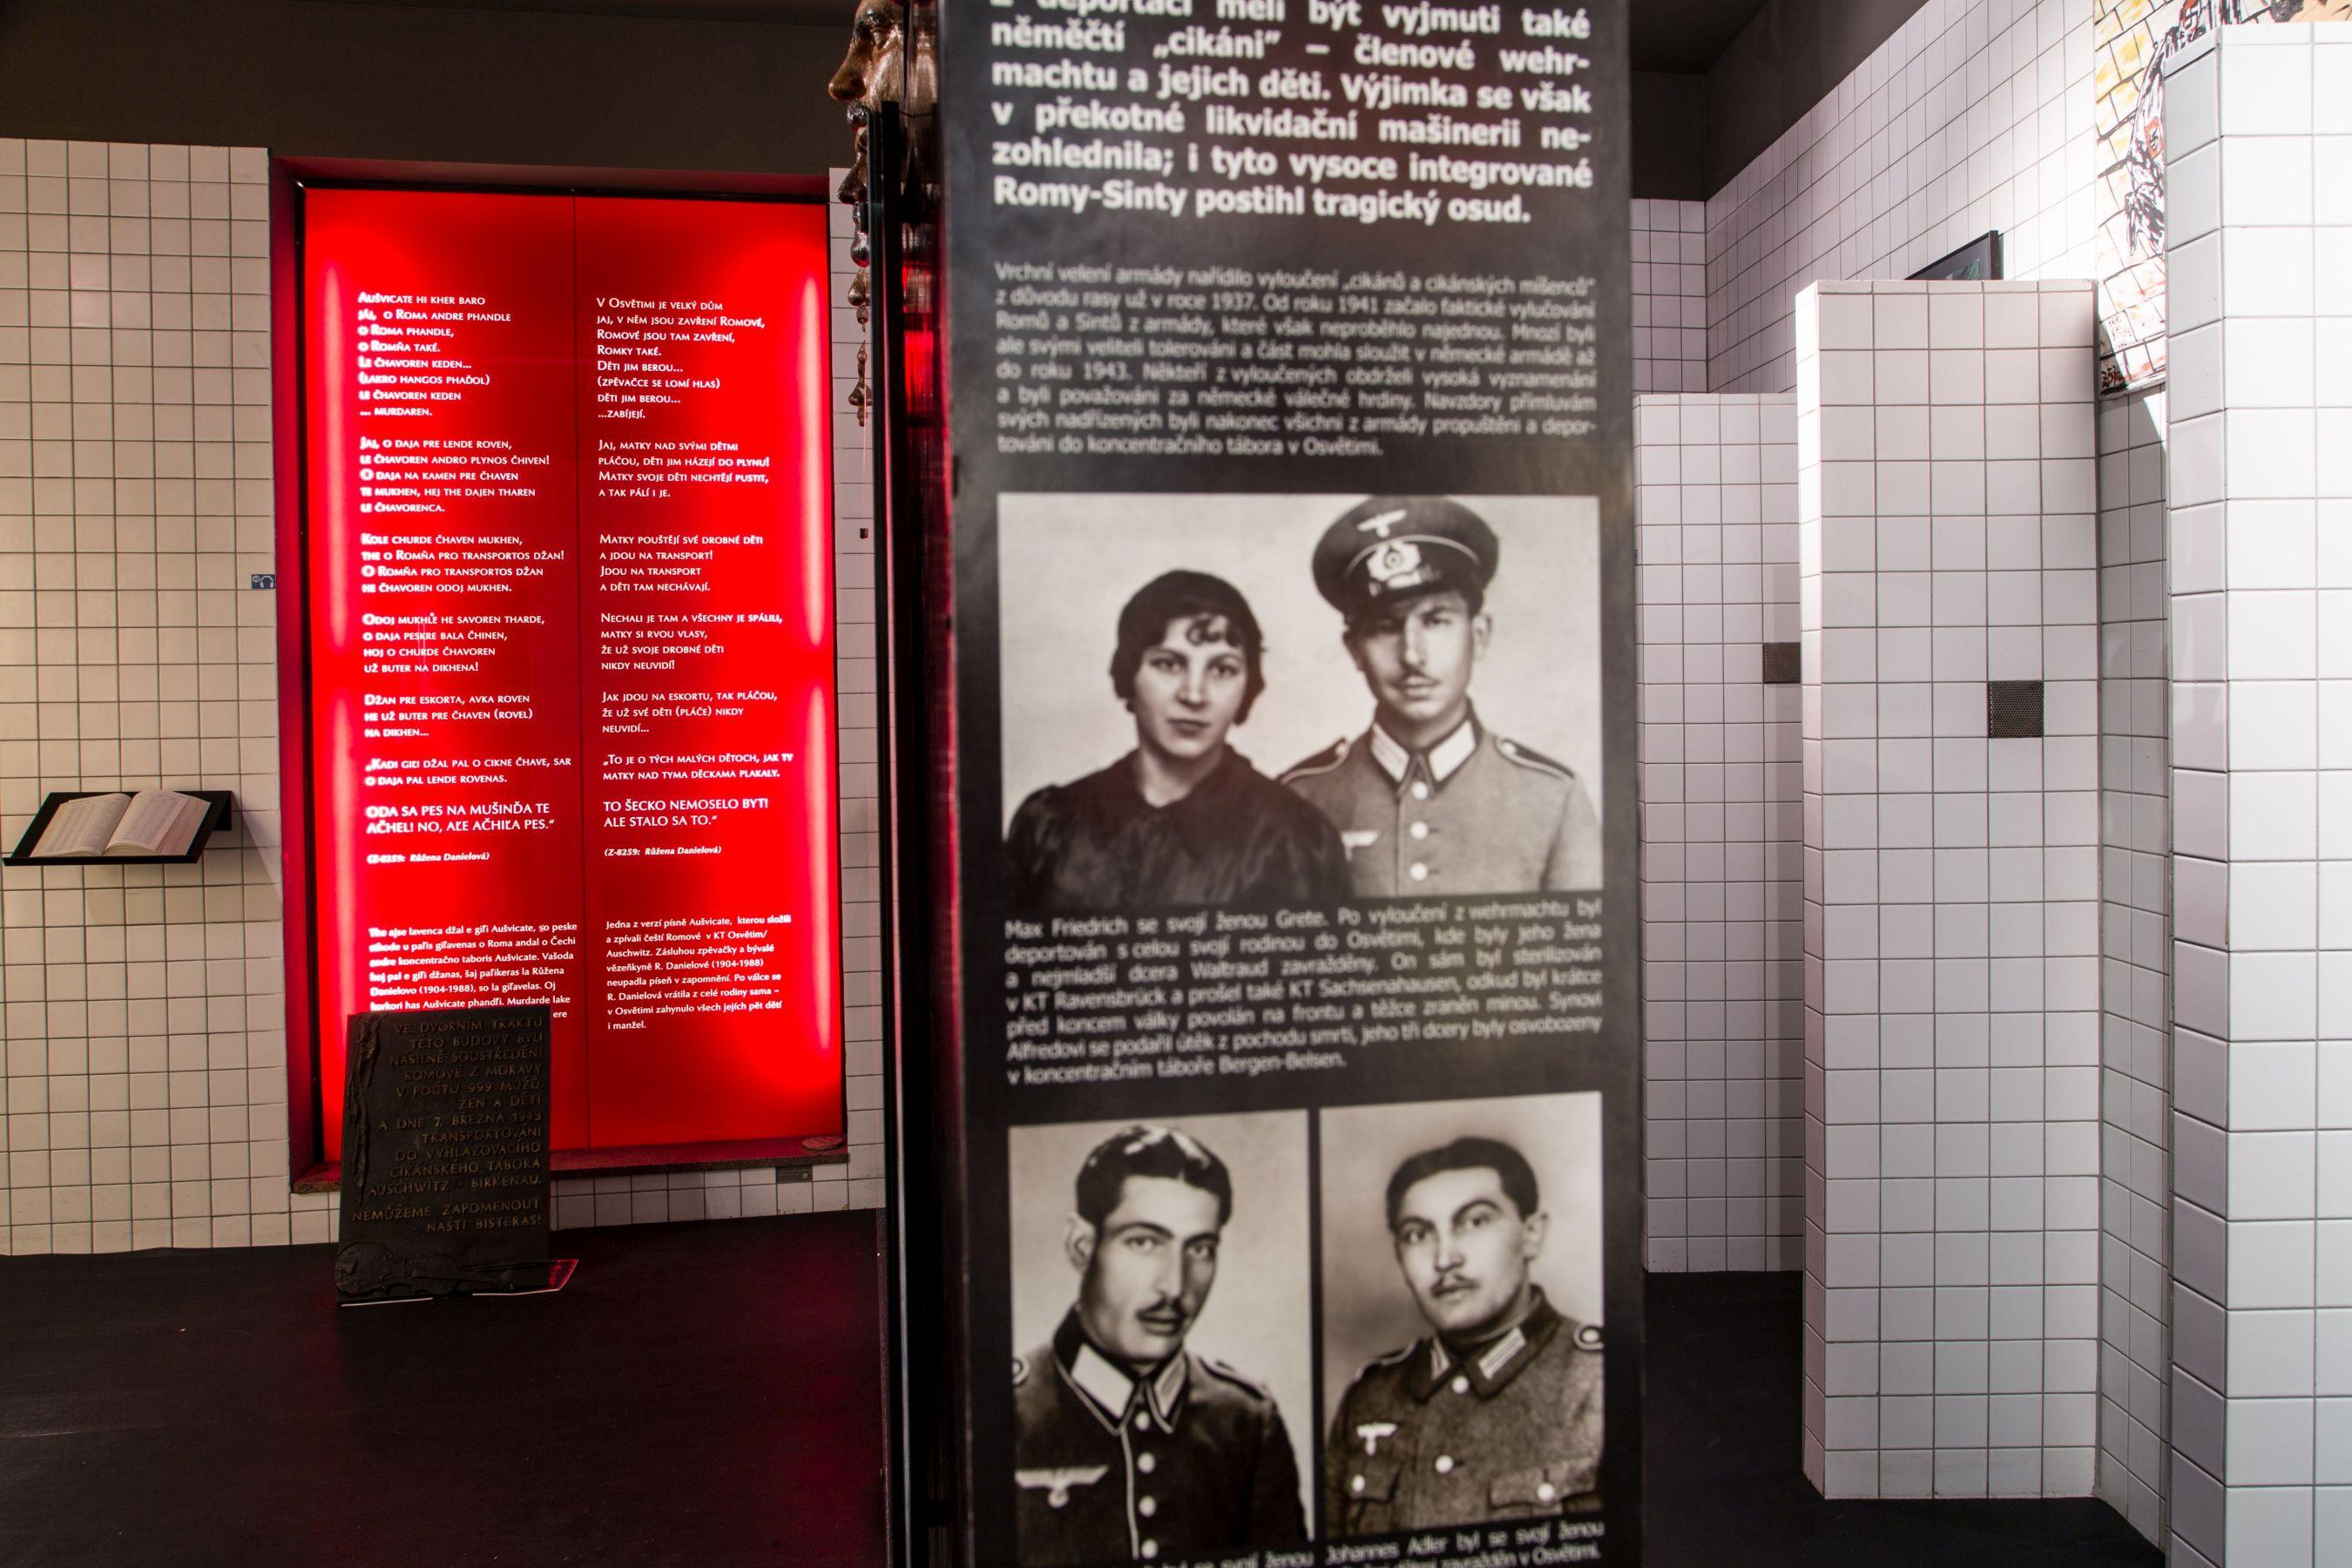 Muzeum romské kultury v Brně